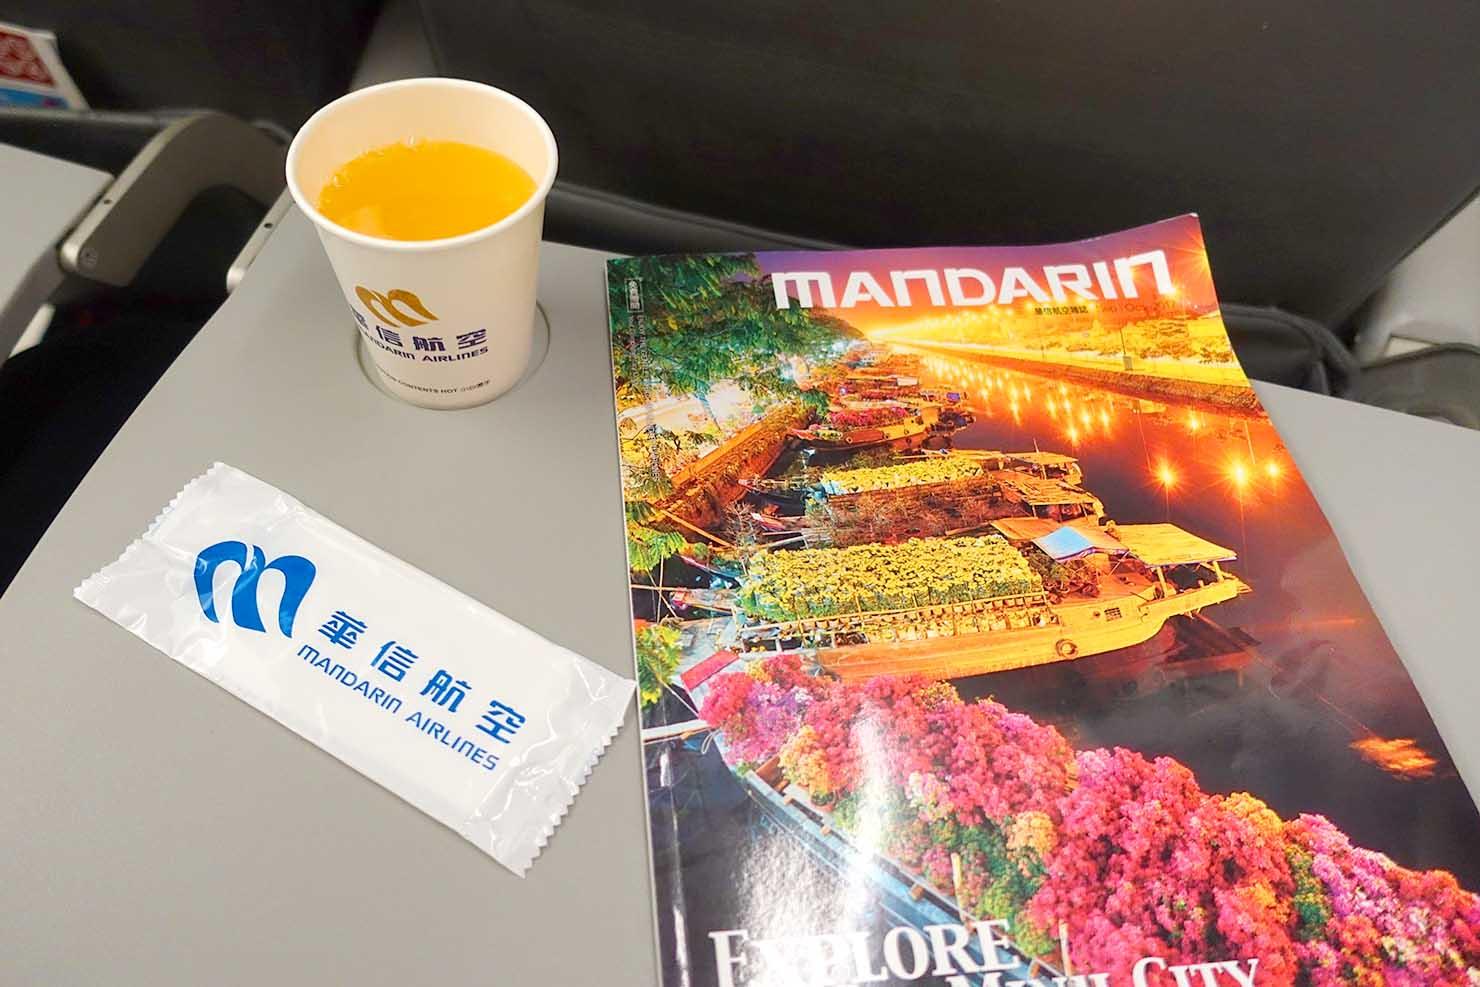 台湾国内線マンダリン航空(華信航空)のドリンクサービス